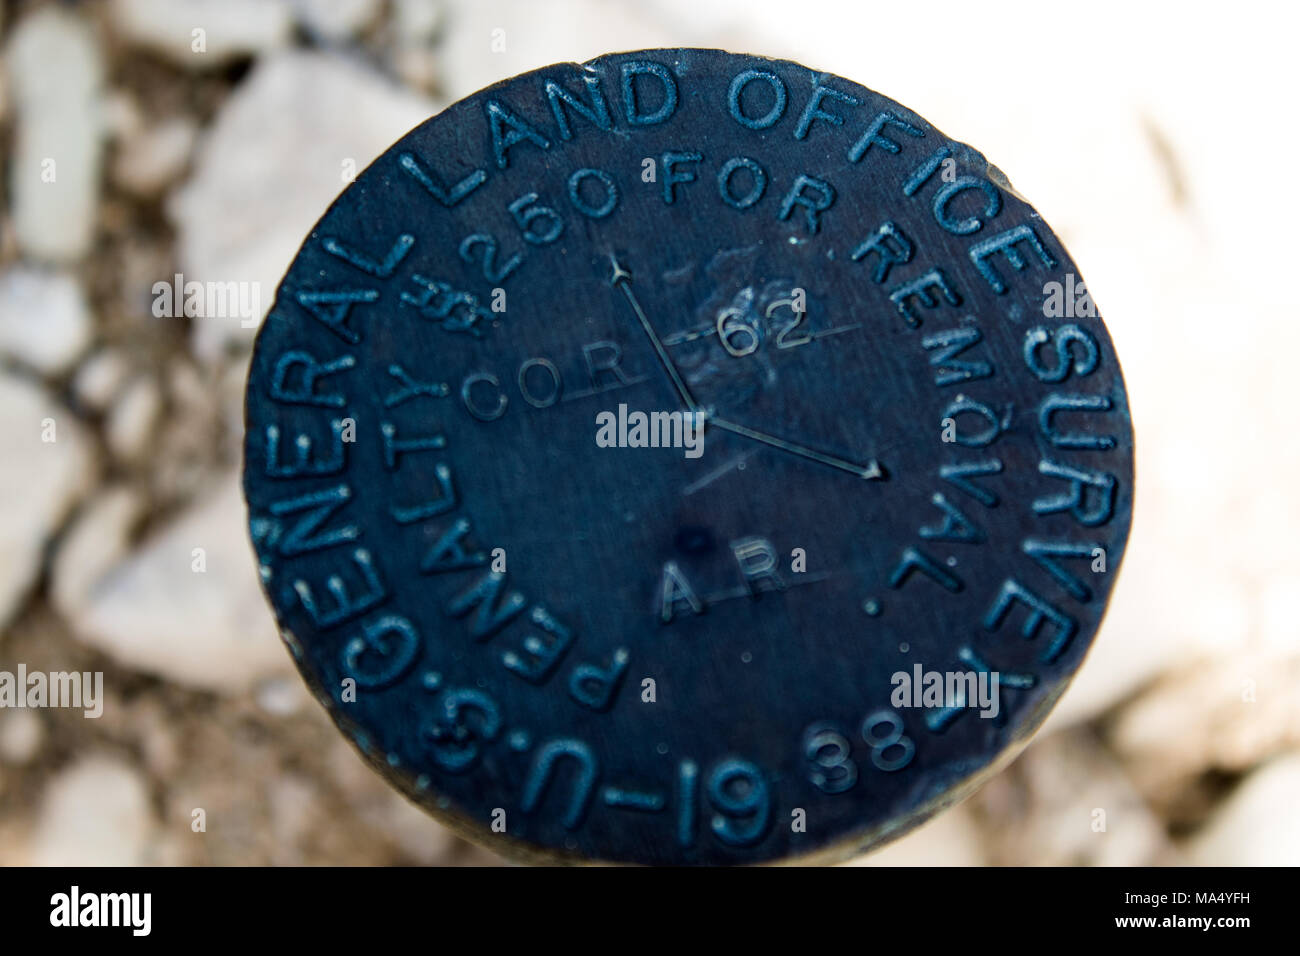 USGS Marker at Alcova Reservoir - Stock Image